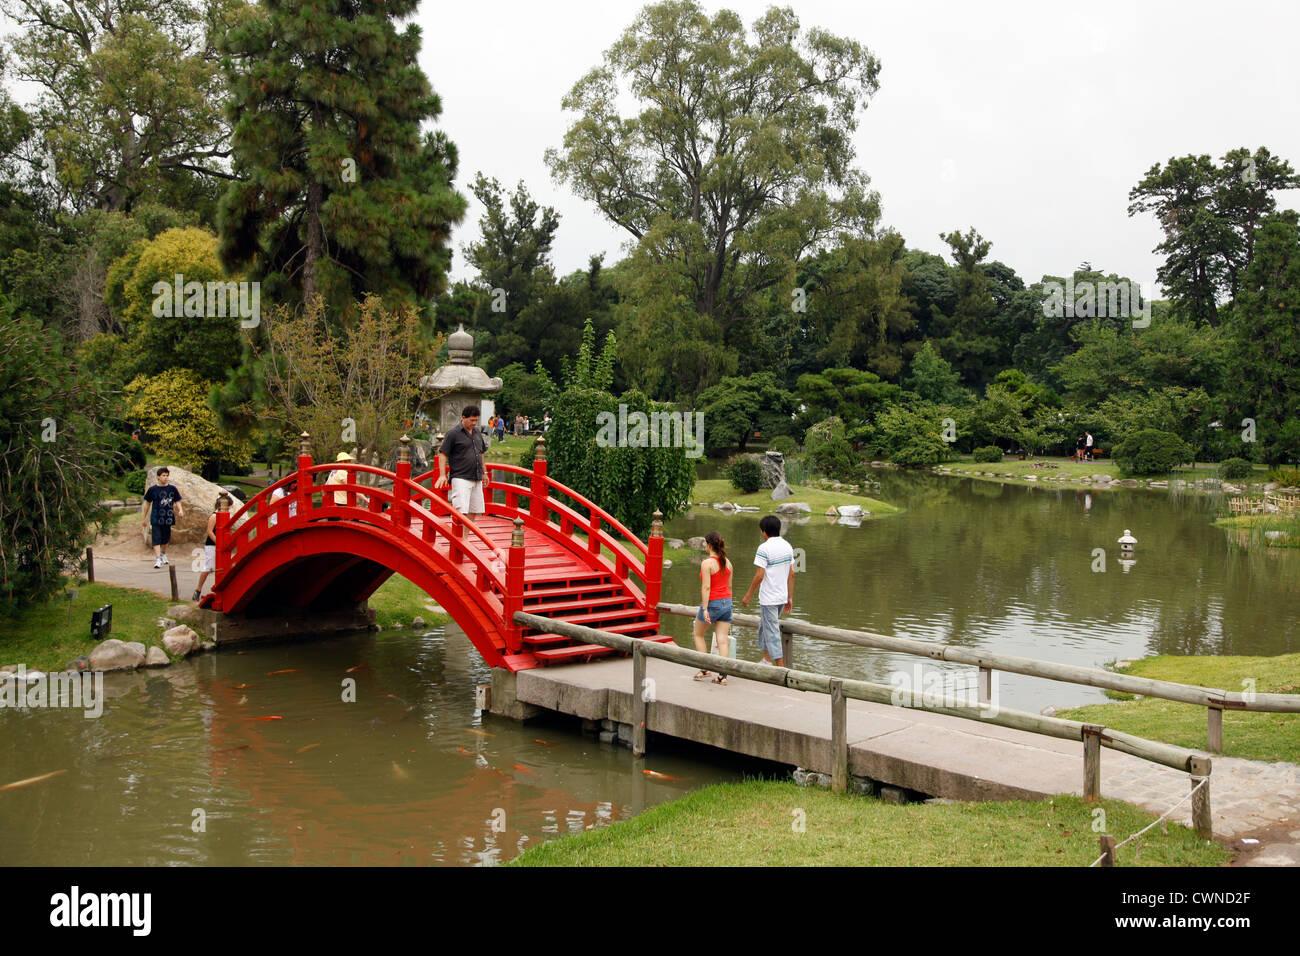 Jardin japones or japanese garden at parque 3 de febrero for Amapola jardin de infantes palermo